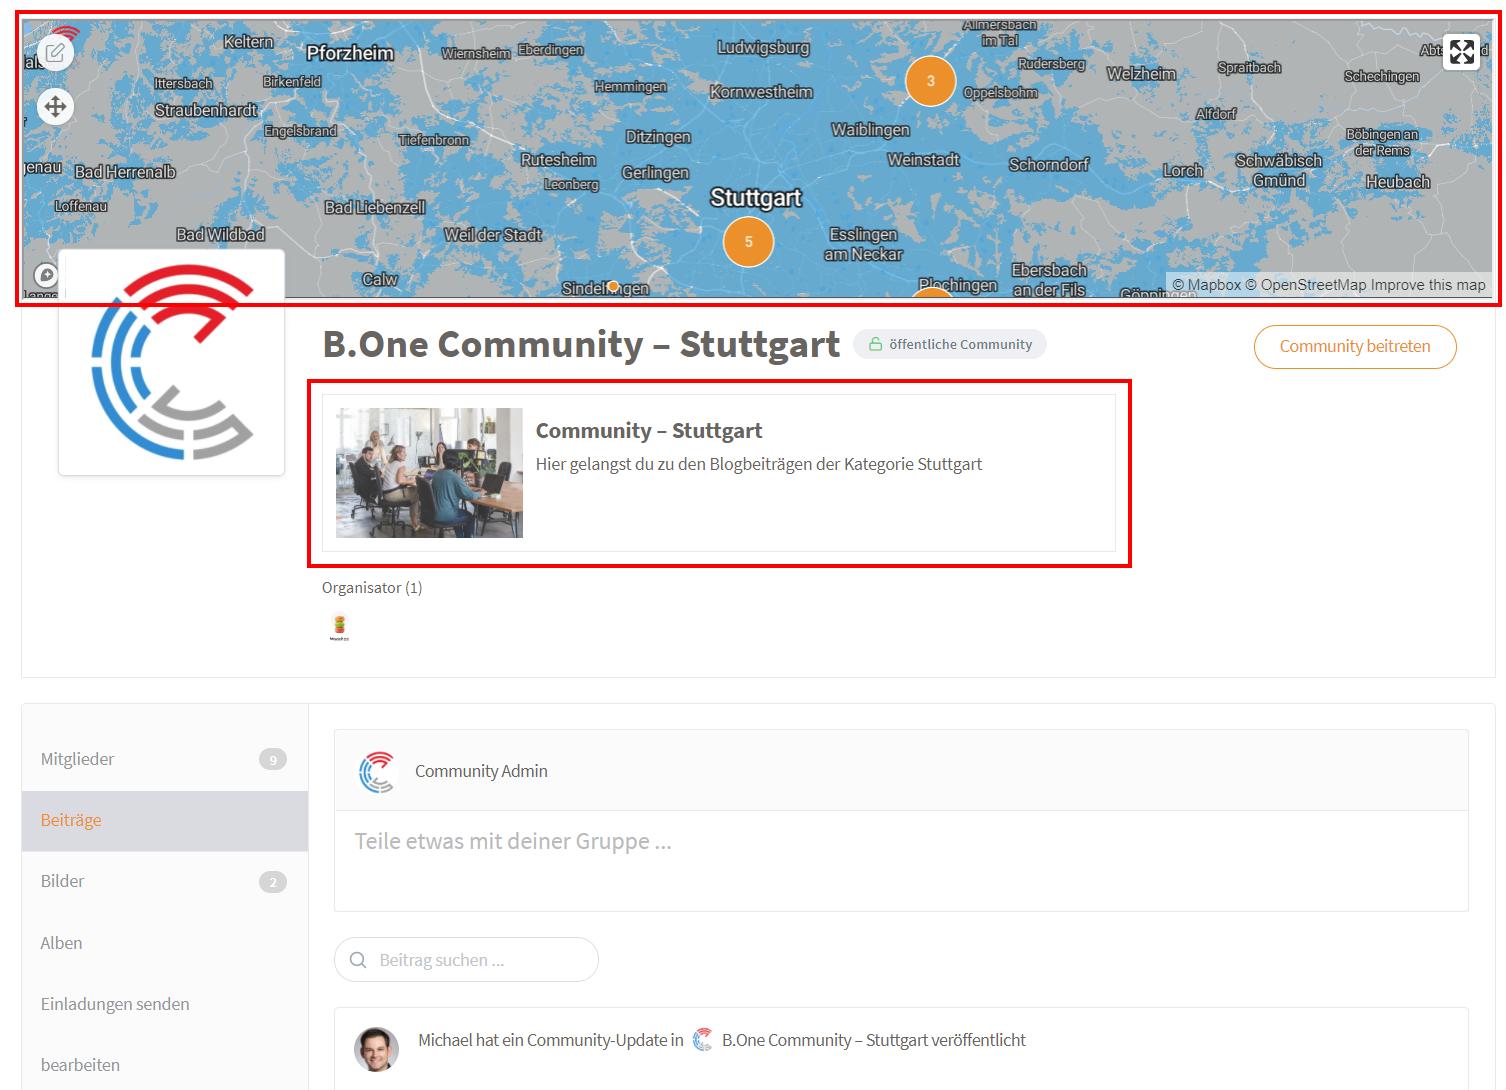 Detailansicht der B.One Community Stuttgart